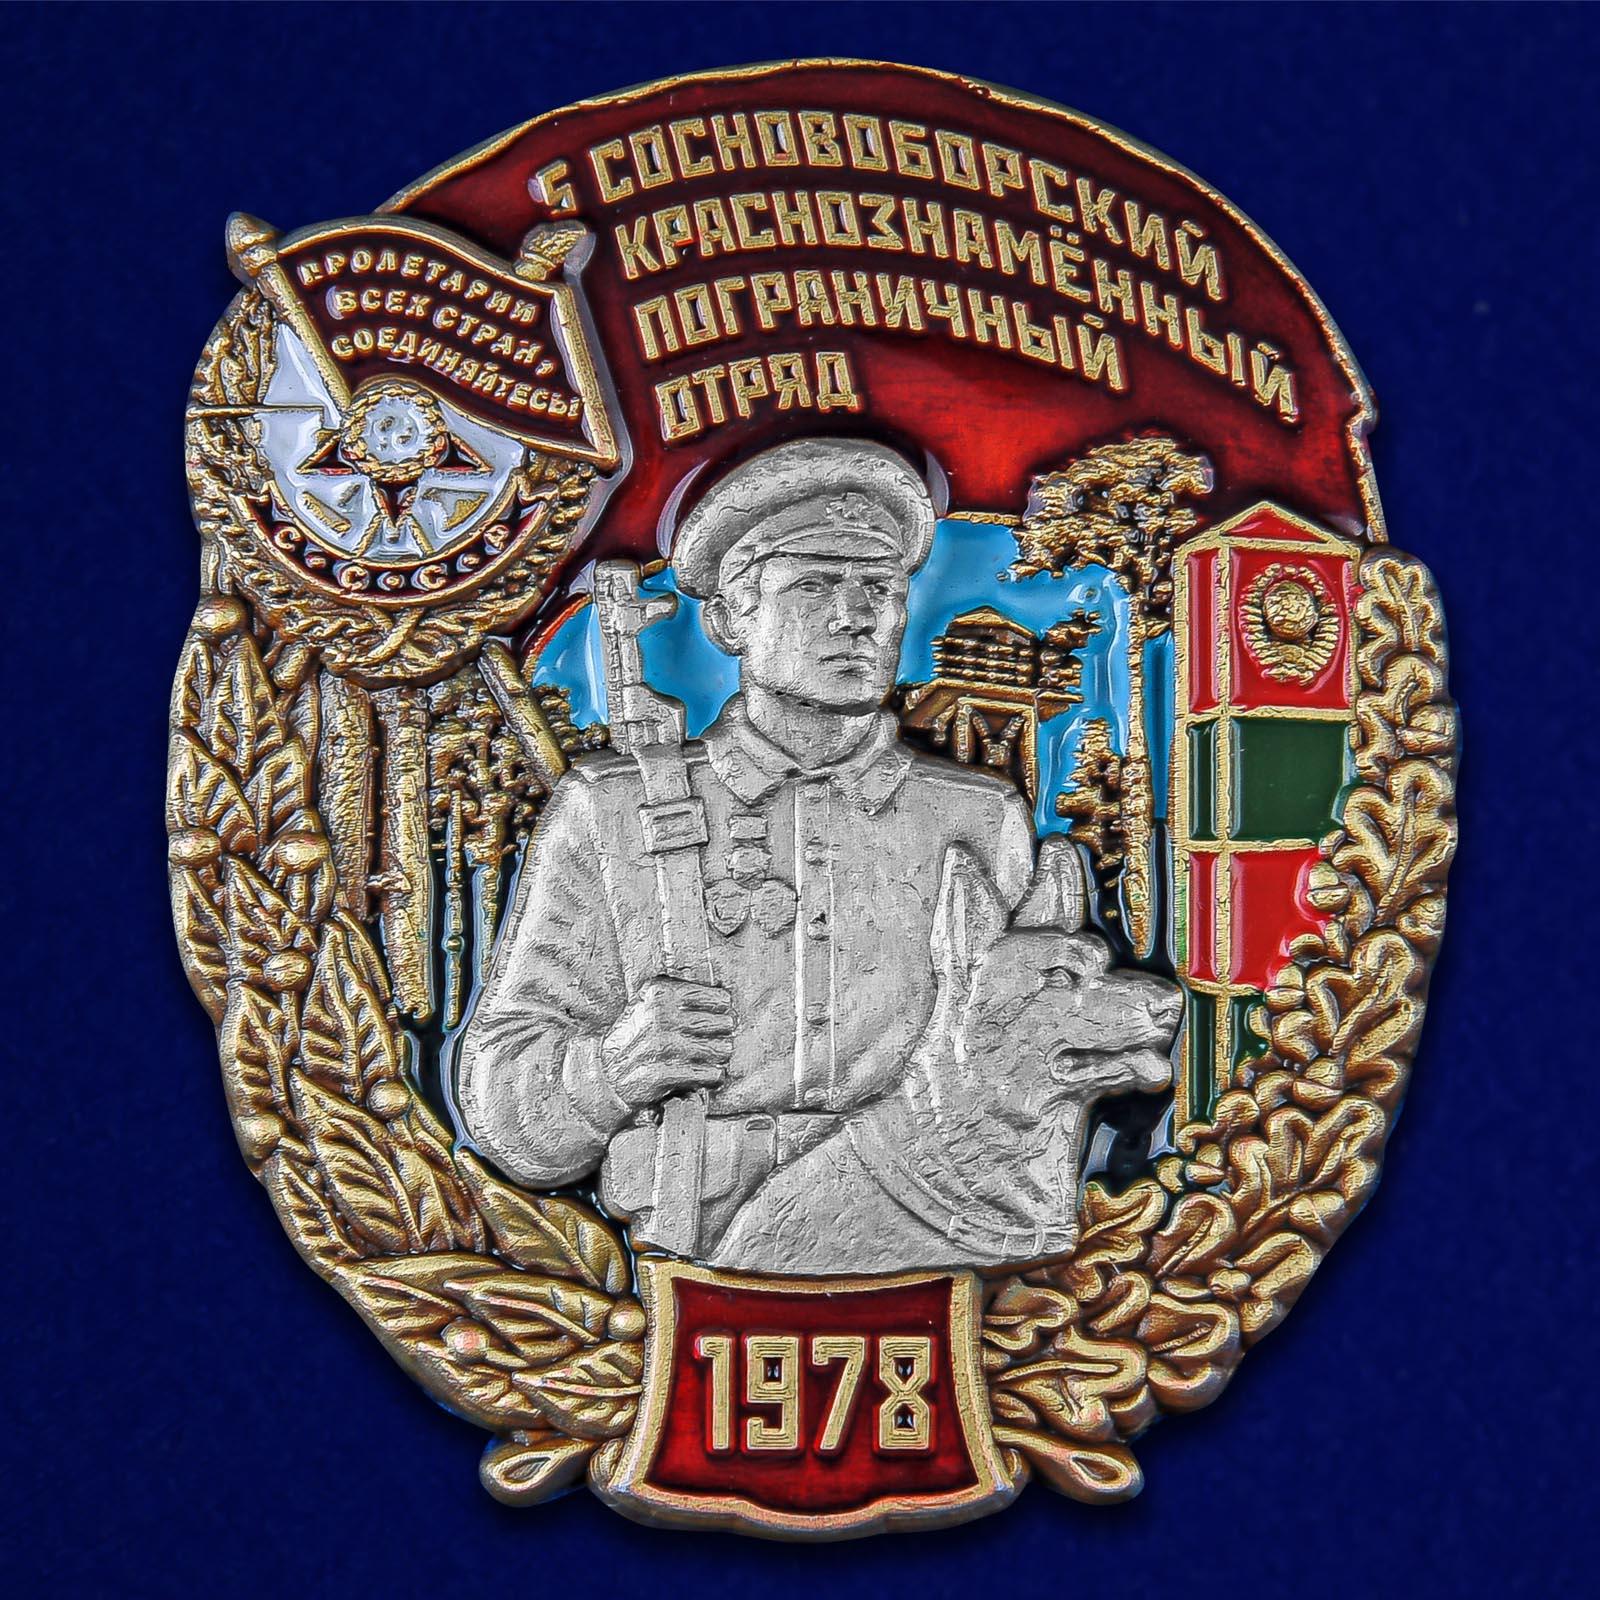 Знак 5 Сосновоборский Краснознамённый Пограничный отряд